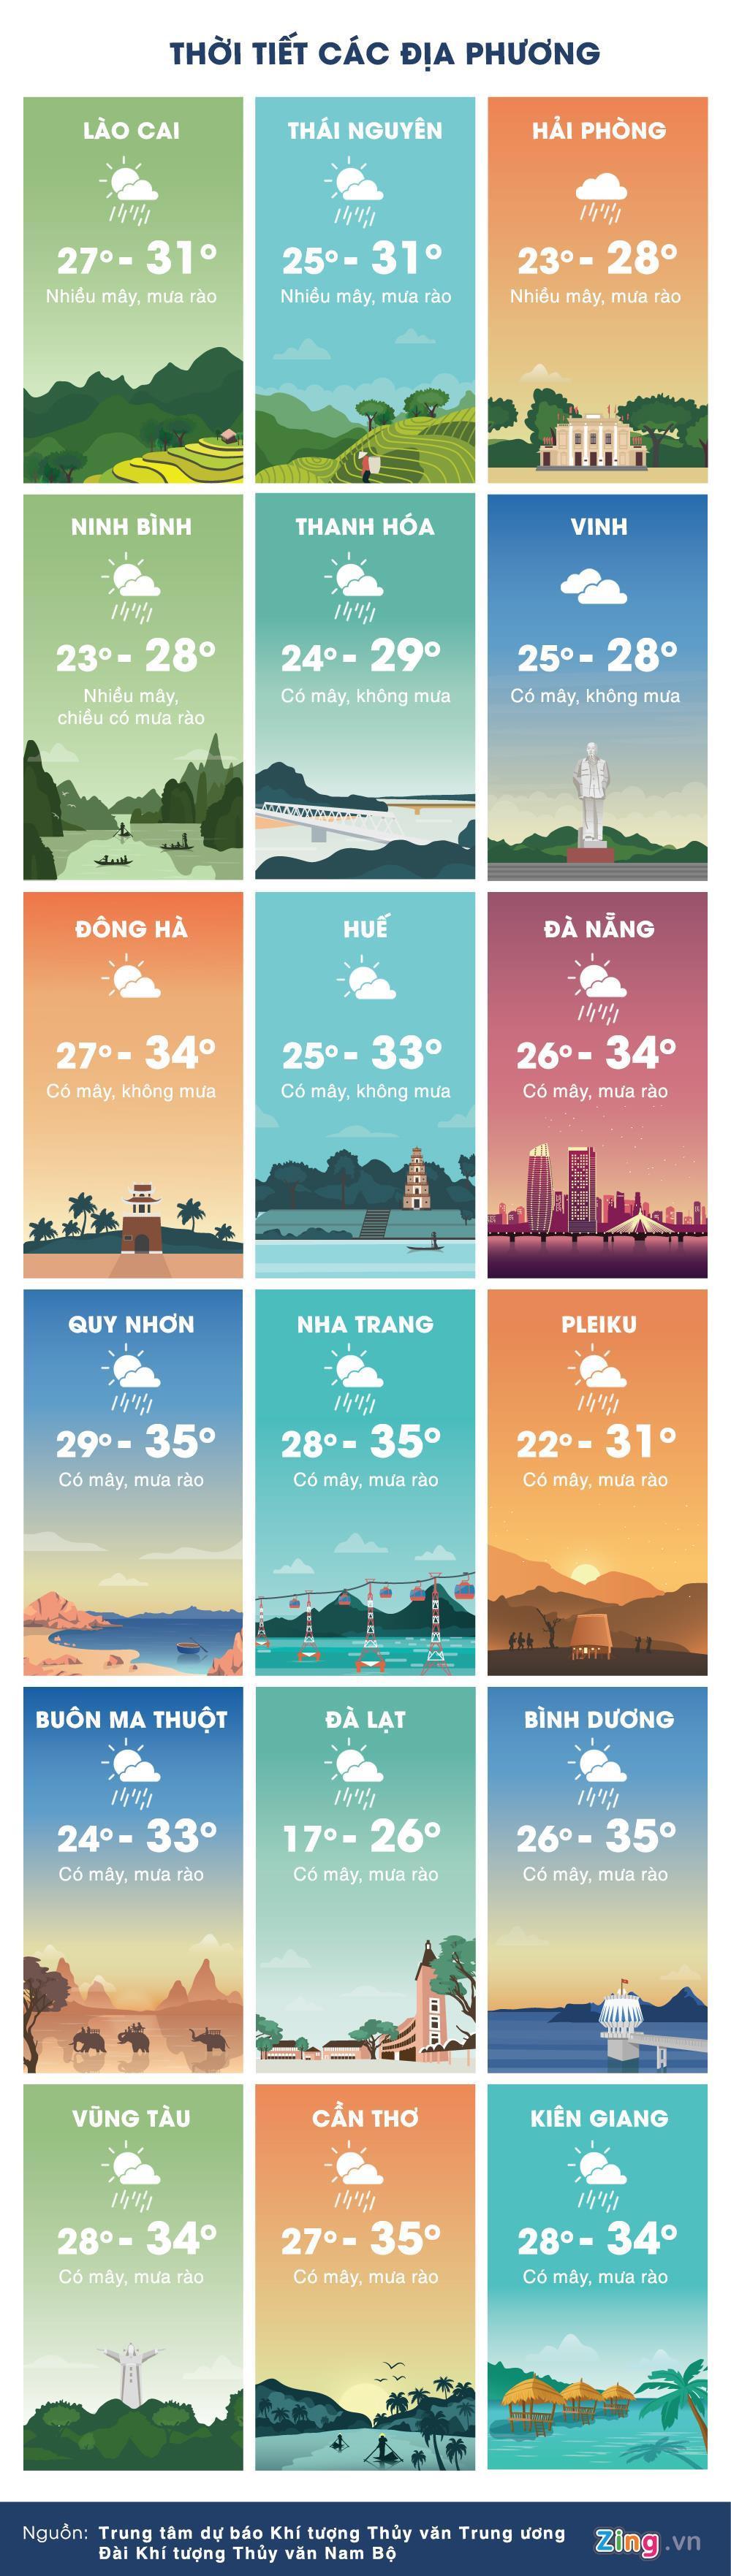 Thời tiết ngày 22/5: Hà Nội mát mẻ, miền Bắc mưa lớn diện rộng Ảnh 3